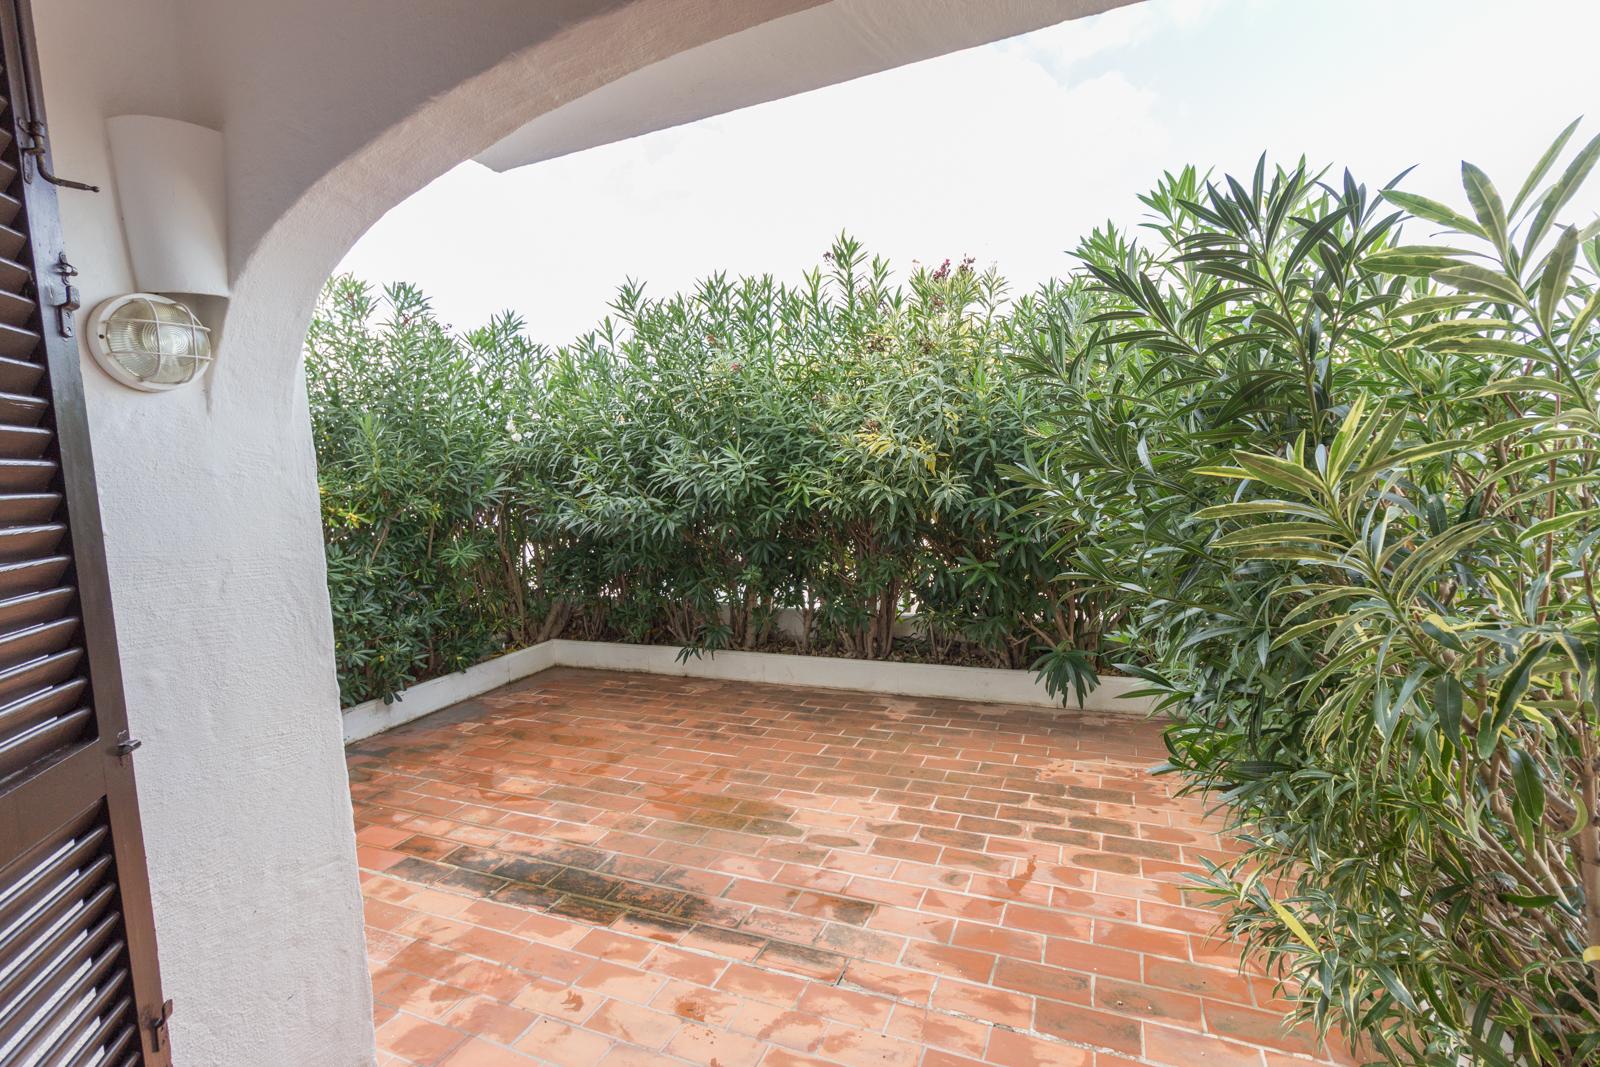 Wohnung in Son Parc Ref: M7728 (2) 10